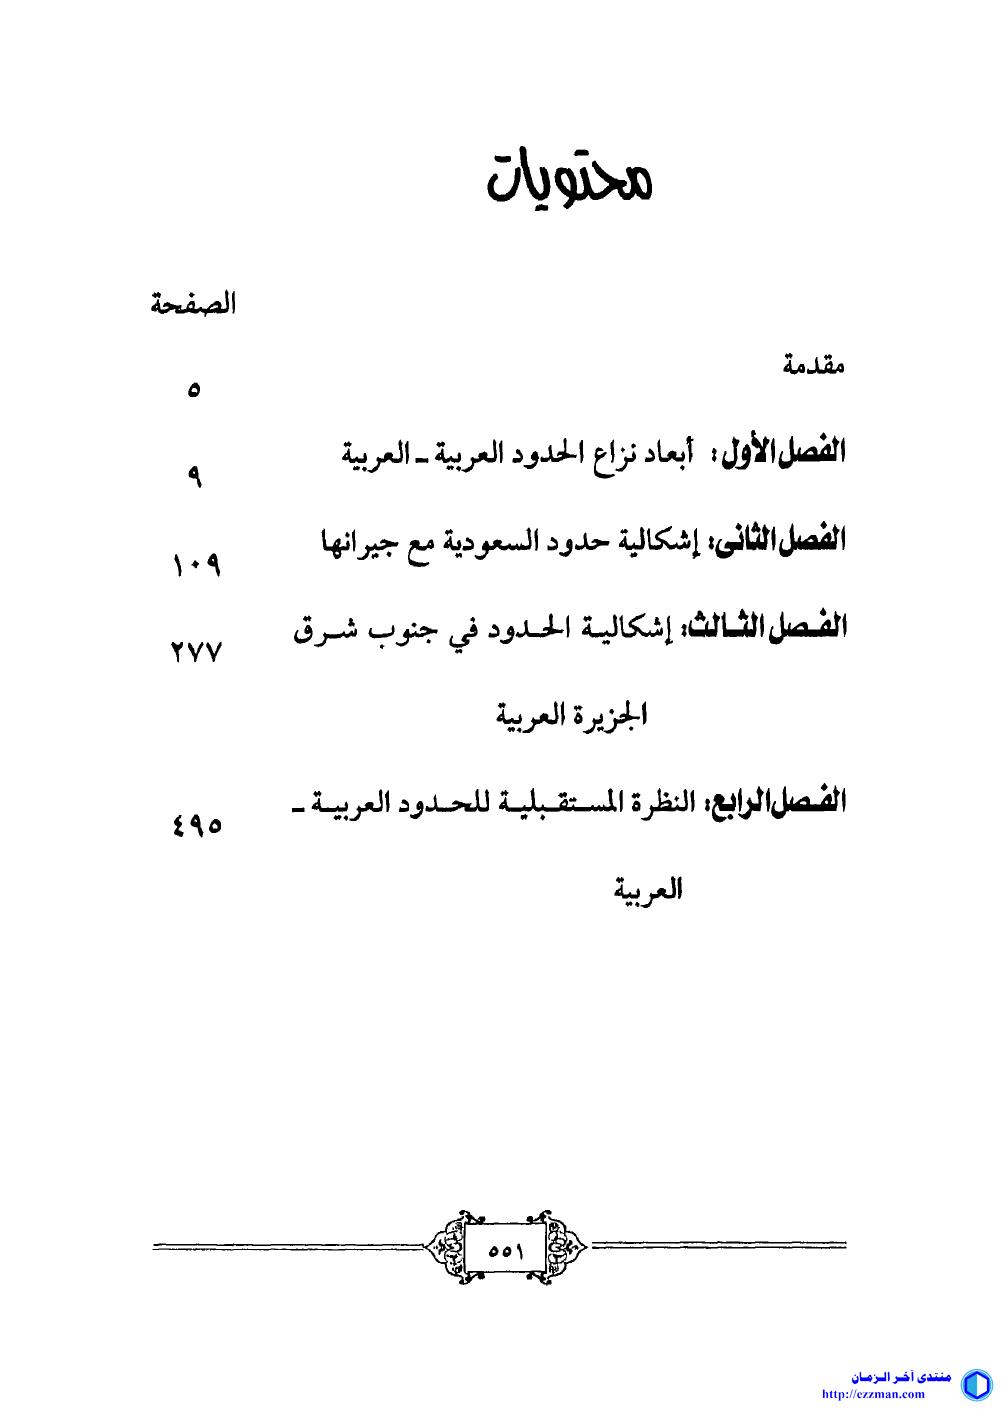 الحدود العربية العربية الجزيرة العربية